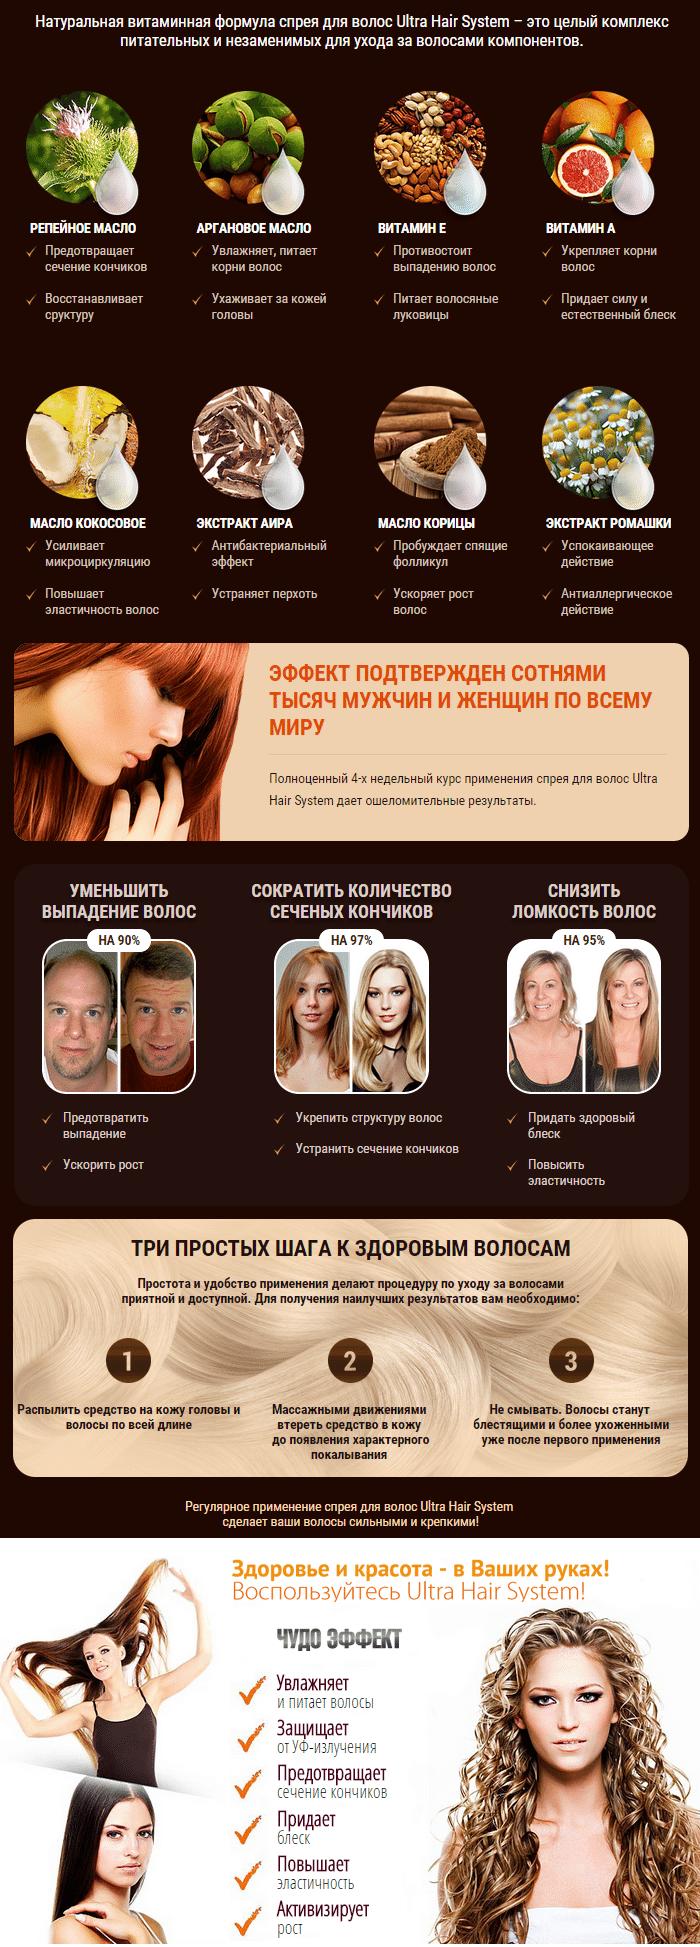 Спрей Ultra Hair System